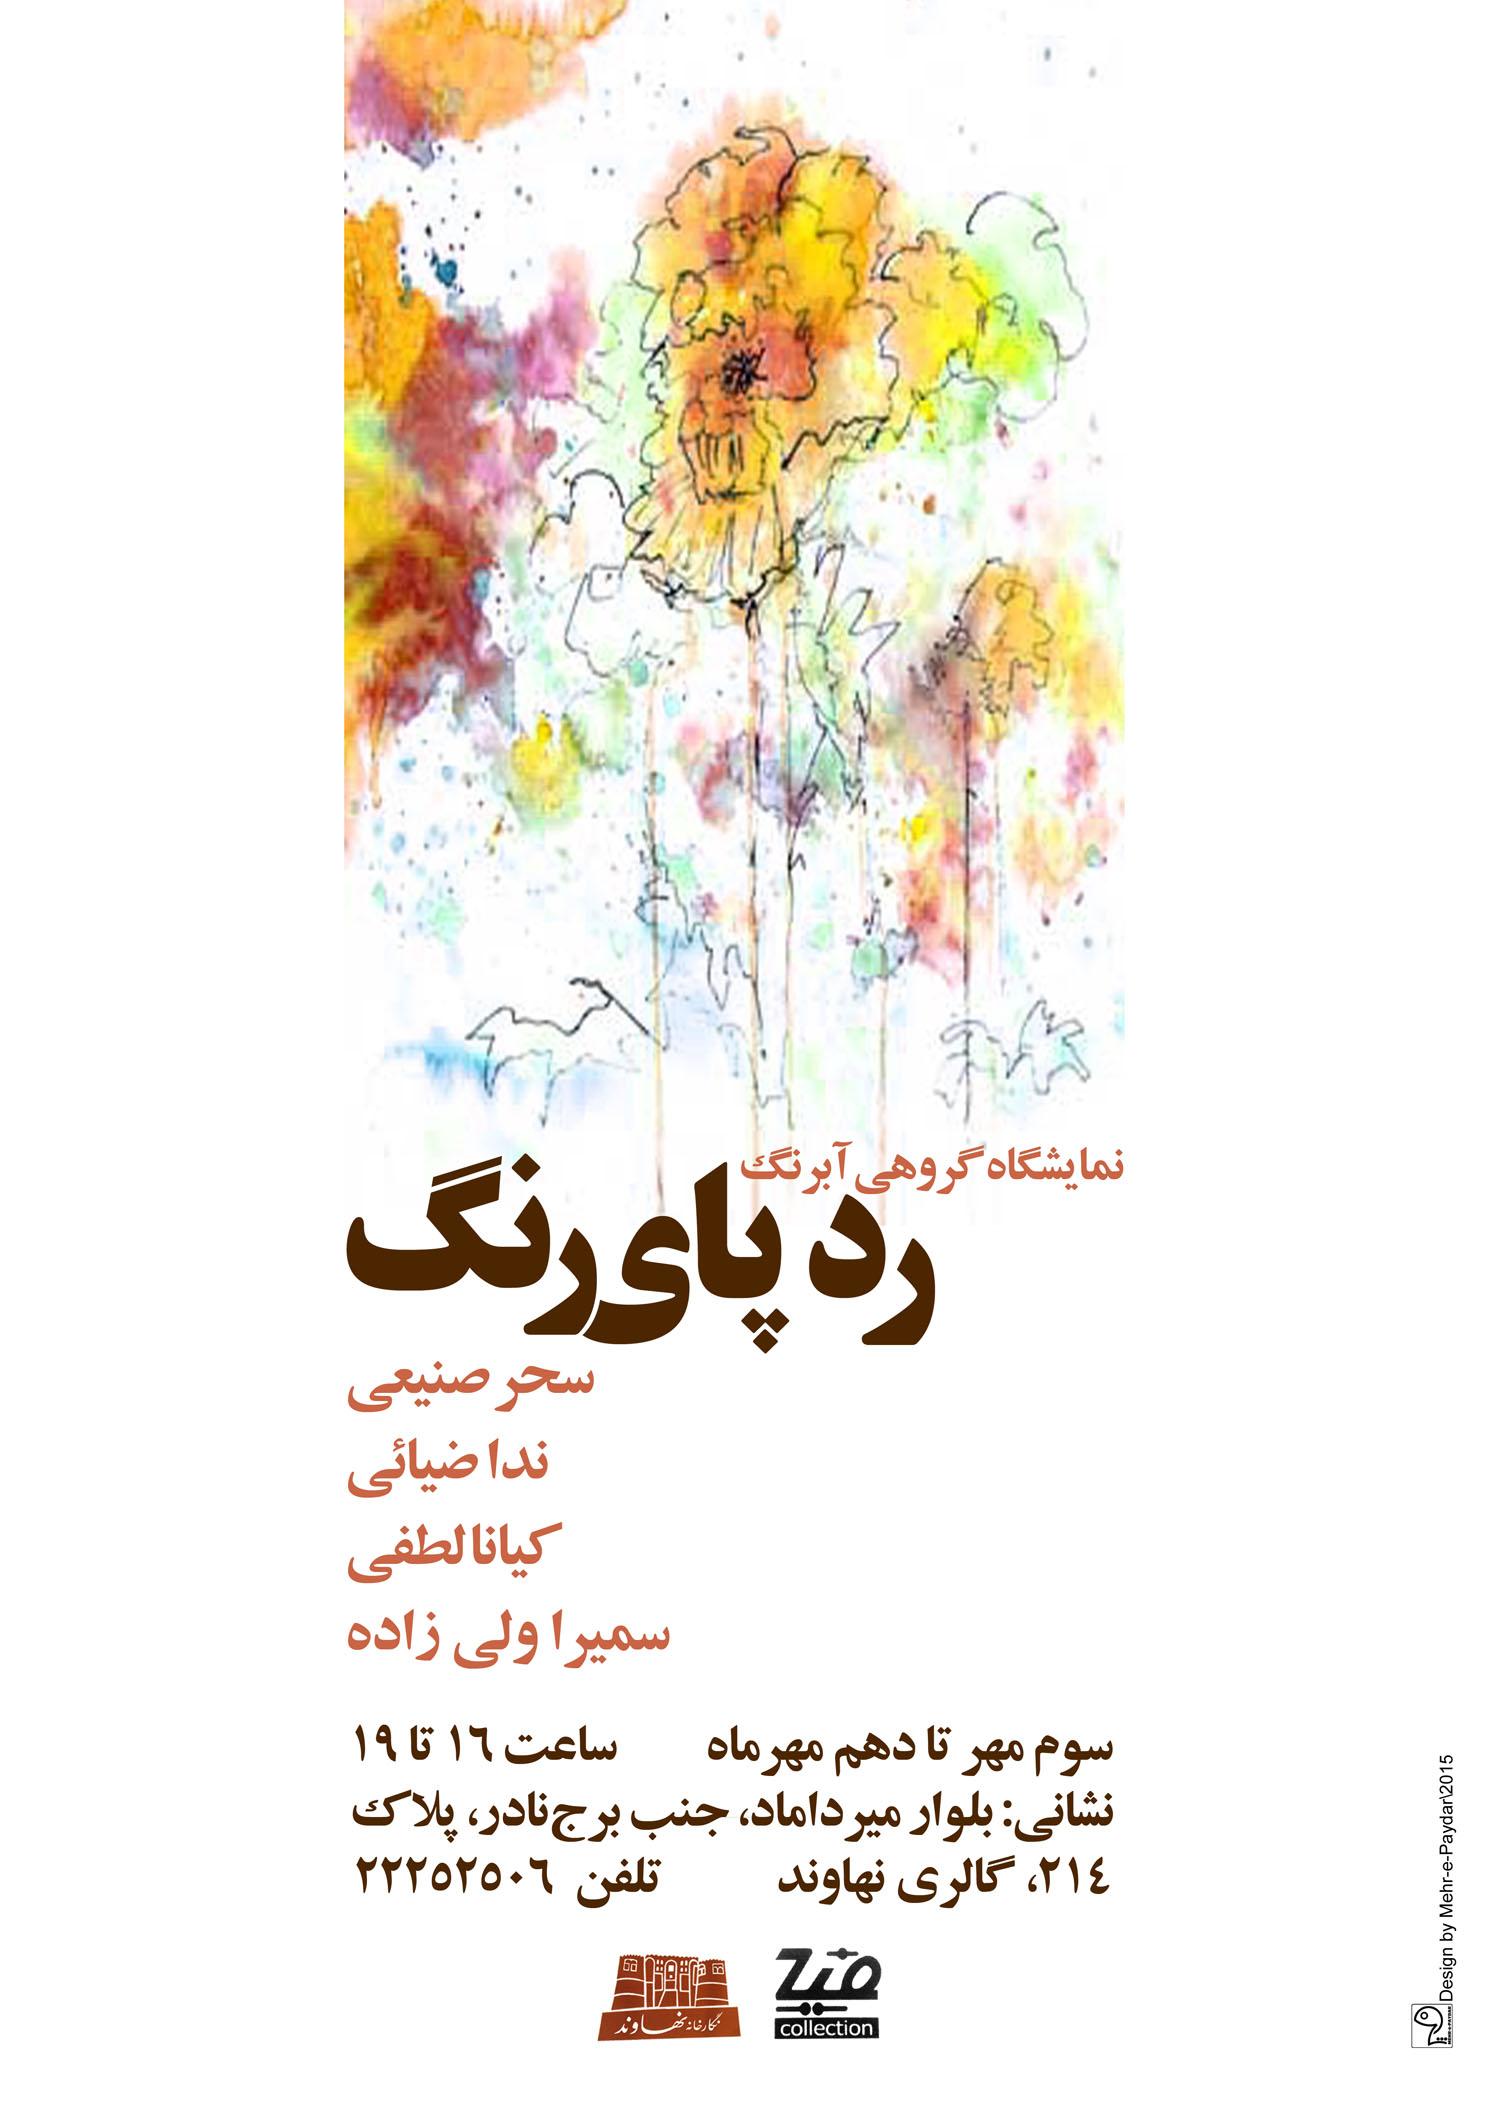 نمایشگاه گروهی 4 هنرمند نقاش آبرنگ در نگارخانه نهاوند تهران